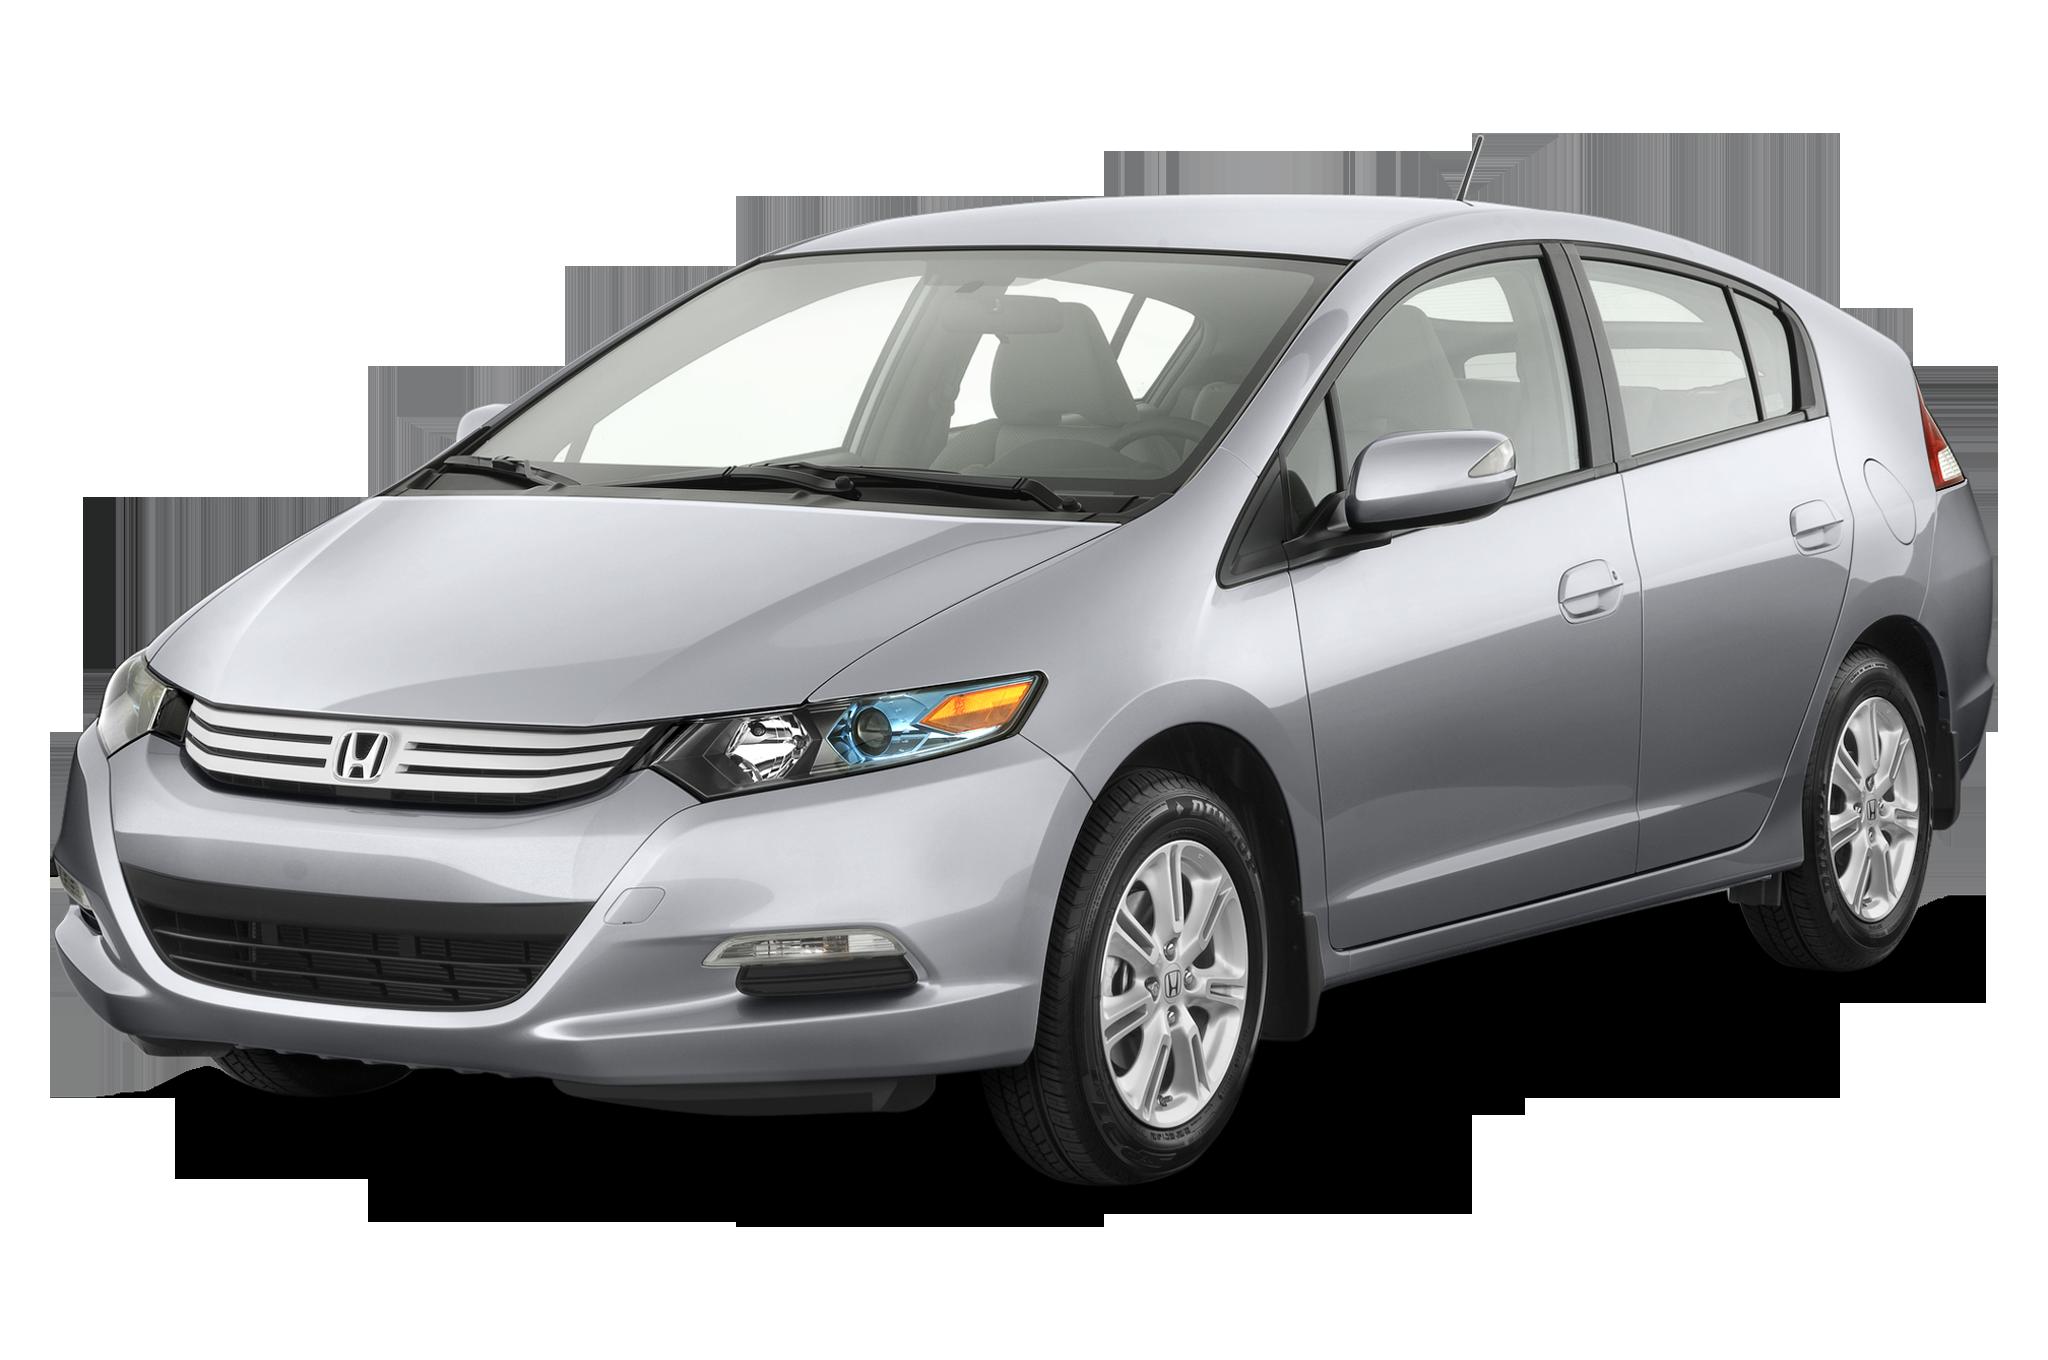 2010 honda insight fuel efficient cars hybrids and reviews rh automobilemag com Honda Insight Hatchback 2014 Honda Insight